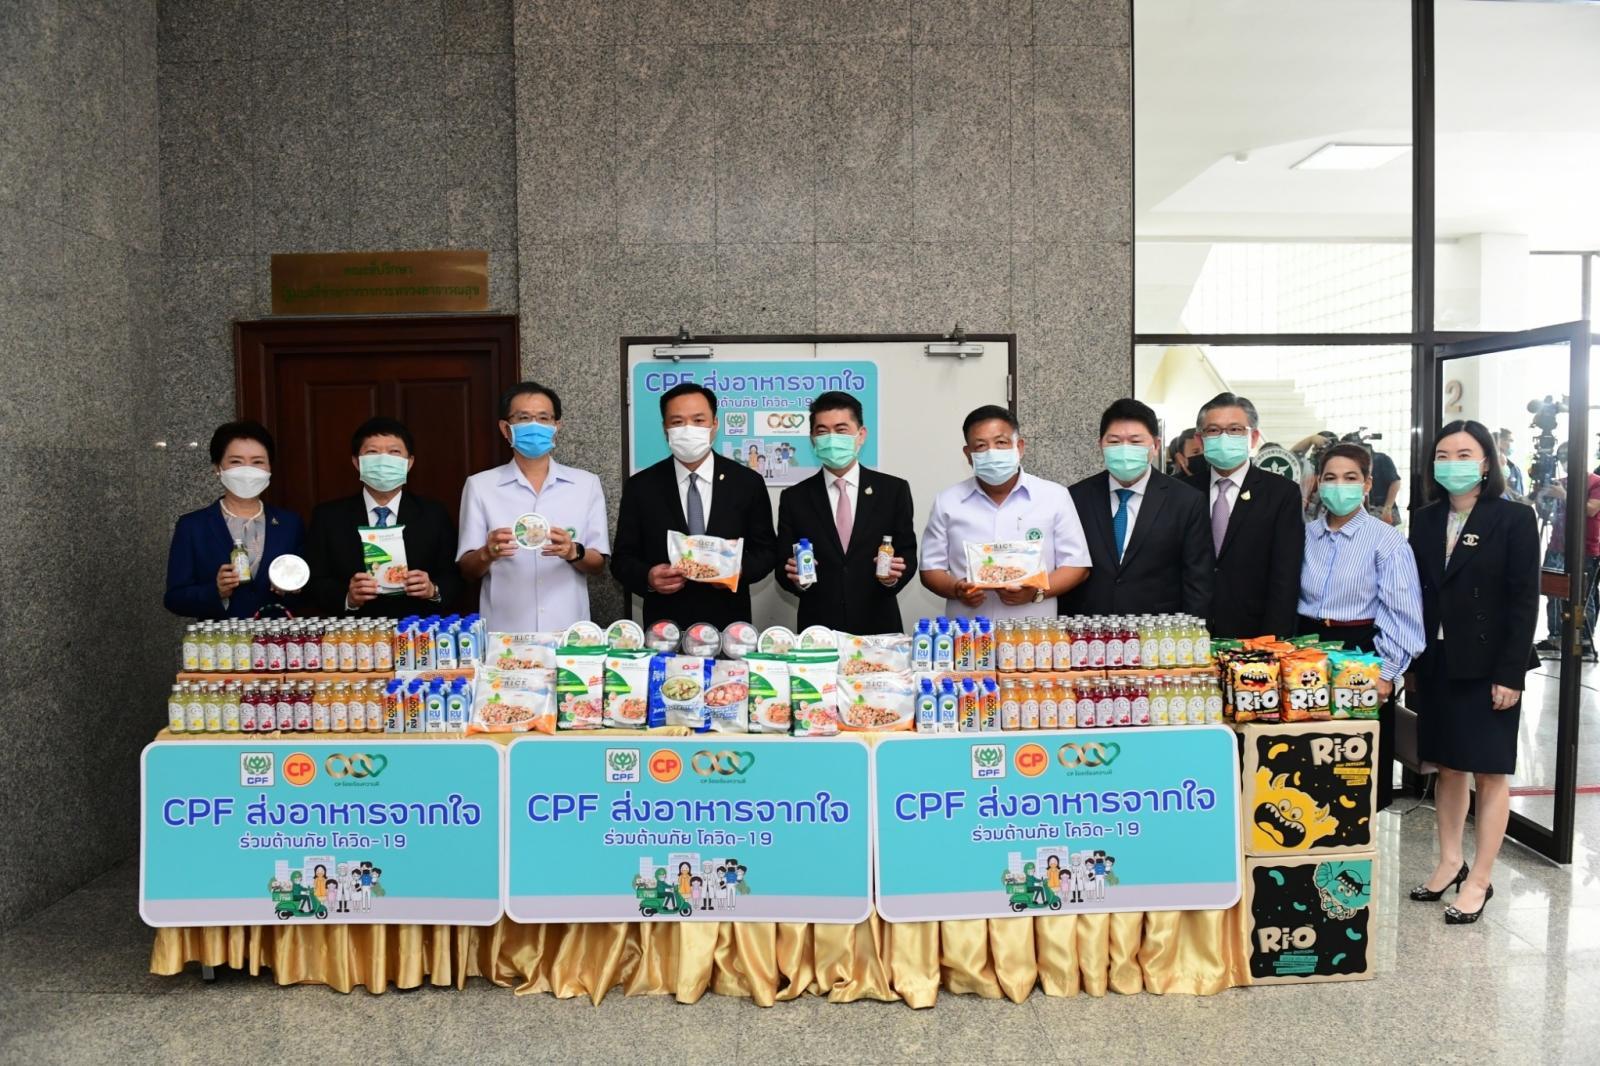 ซีพี-ซีพีเอฟ ช่วยชาติ! ส่งอาหารจากใจ หนุน ก.สาธารณสุข ร่วมสร้างภูมิคุ้มกันหมู่ให้ประเทศ